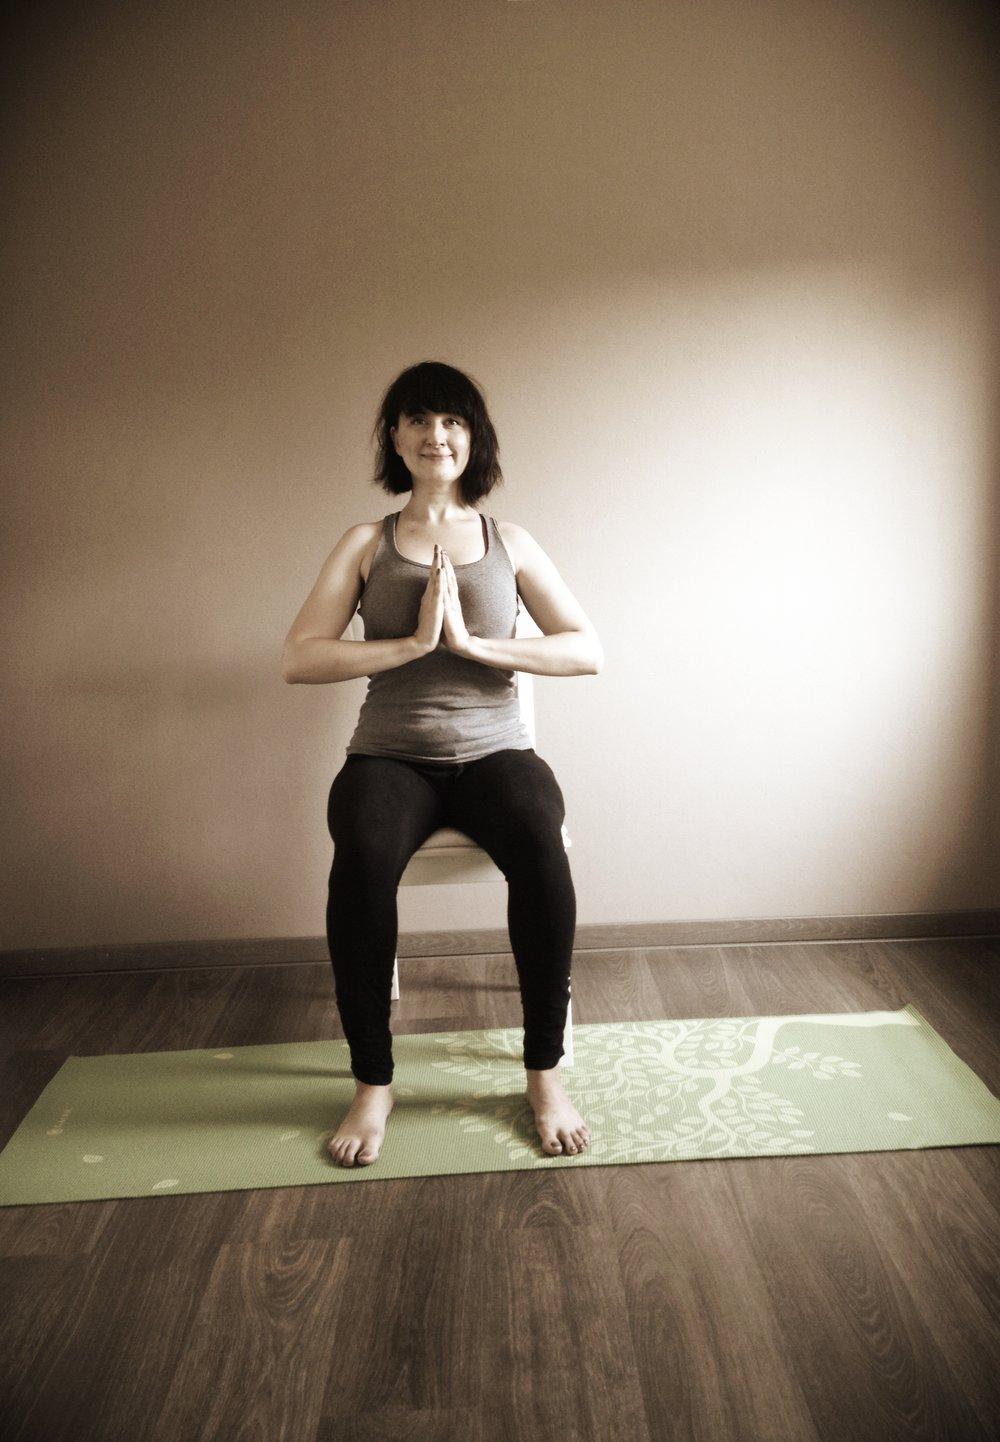 Adem een paar keer diep in en uit  en concentreer u op het geluid van uw ademhaling.